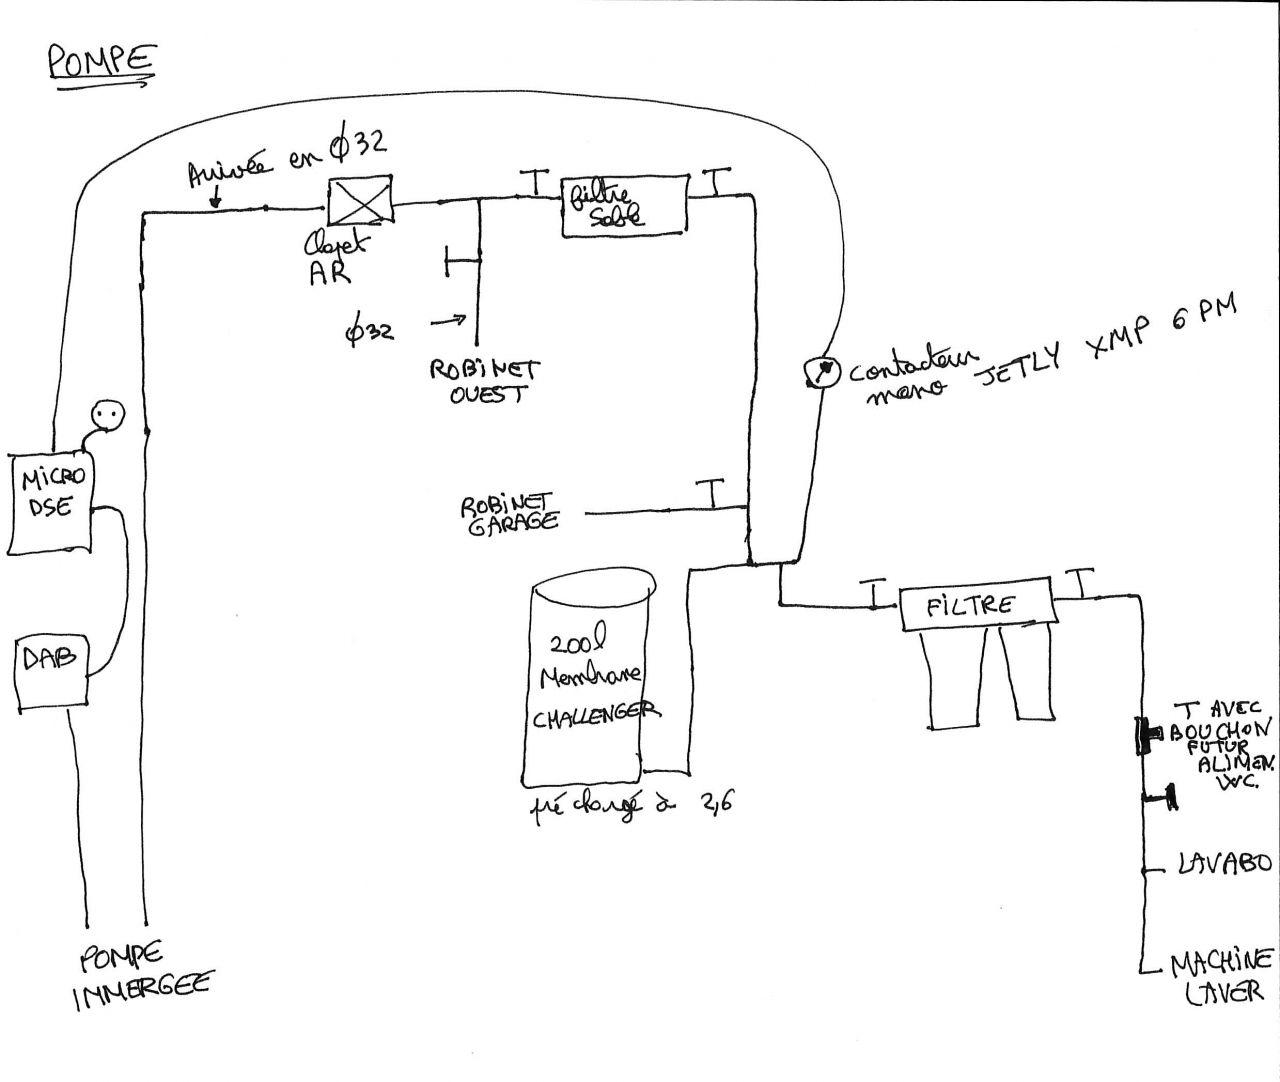 Besoin d aide reglage pompe immerg e forage 8 messages - Schema installation pompe surpresseur ...